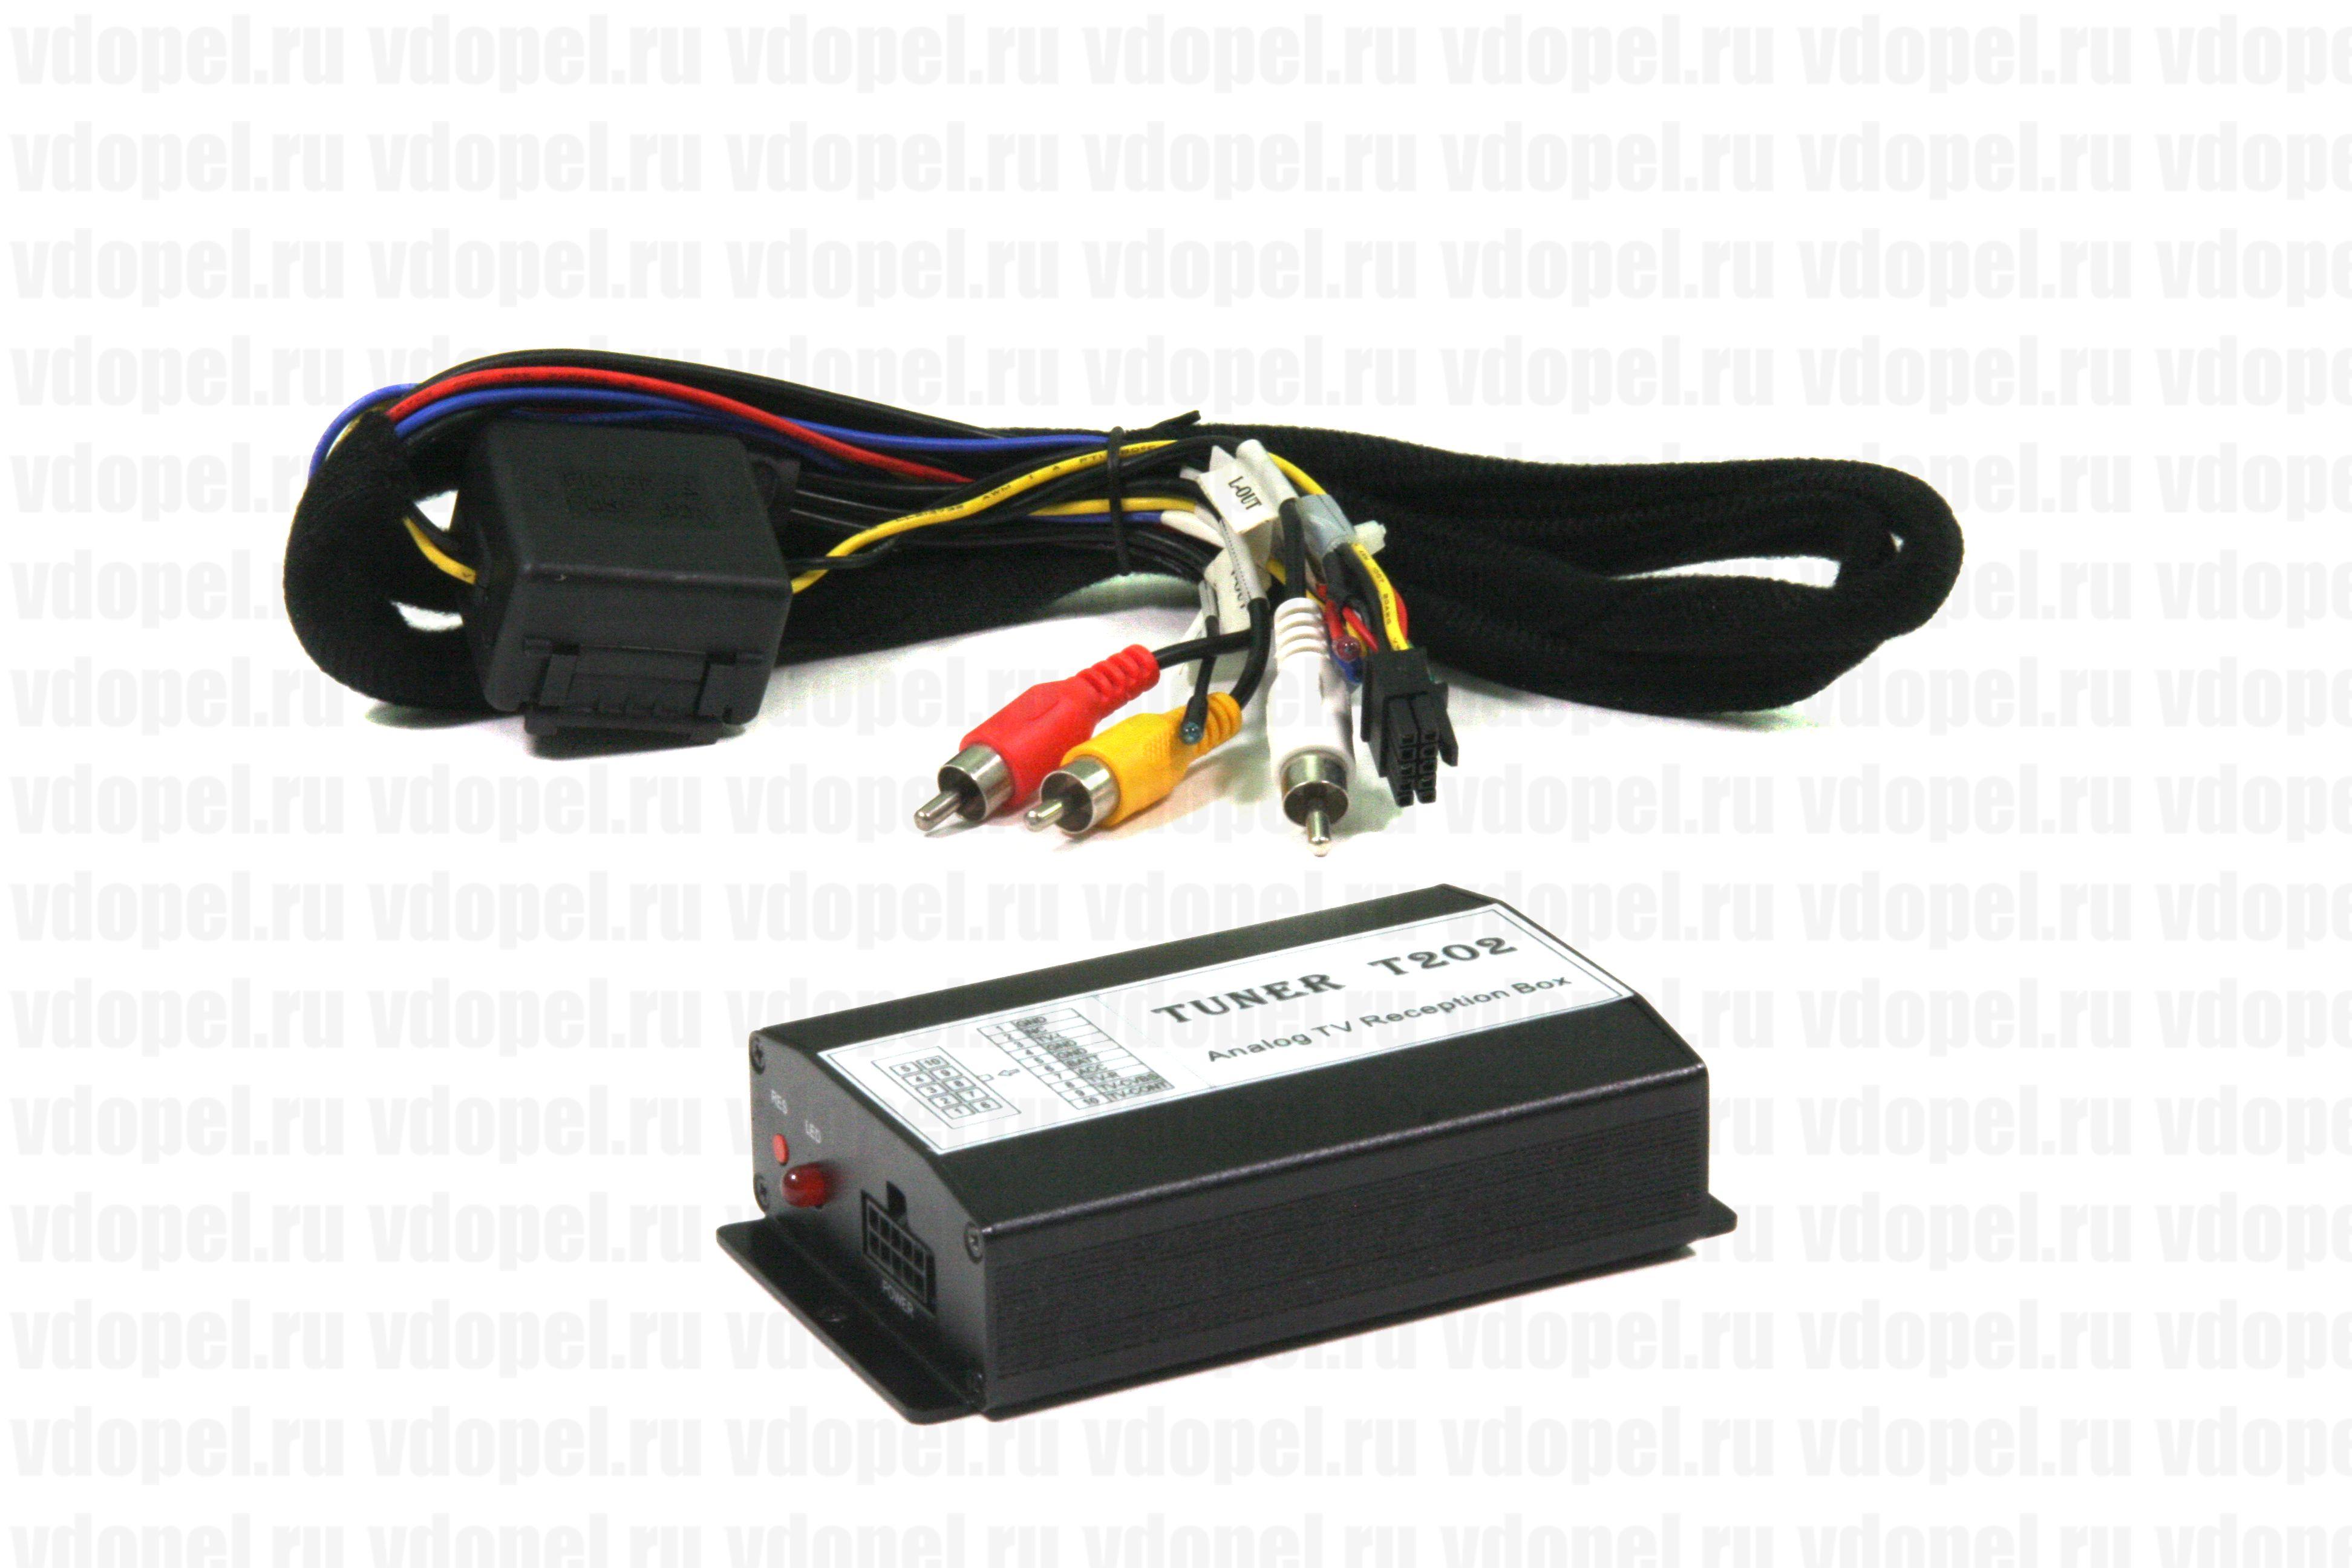 Intro CHR1210OP  - Автомагнитола Intro CHR-1210 OP Инсигния 08-13 с навигацией (деталь на складе - доставка 1 день)